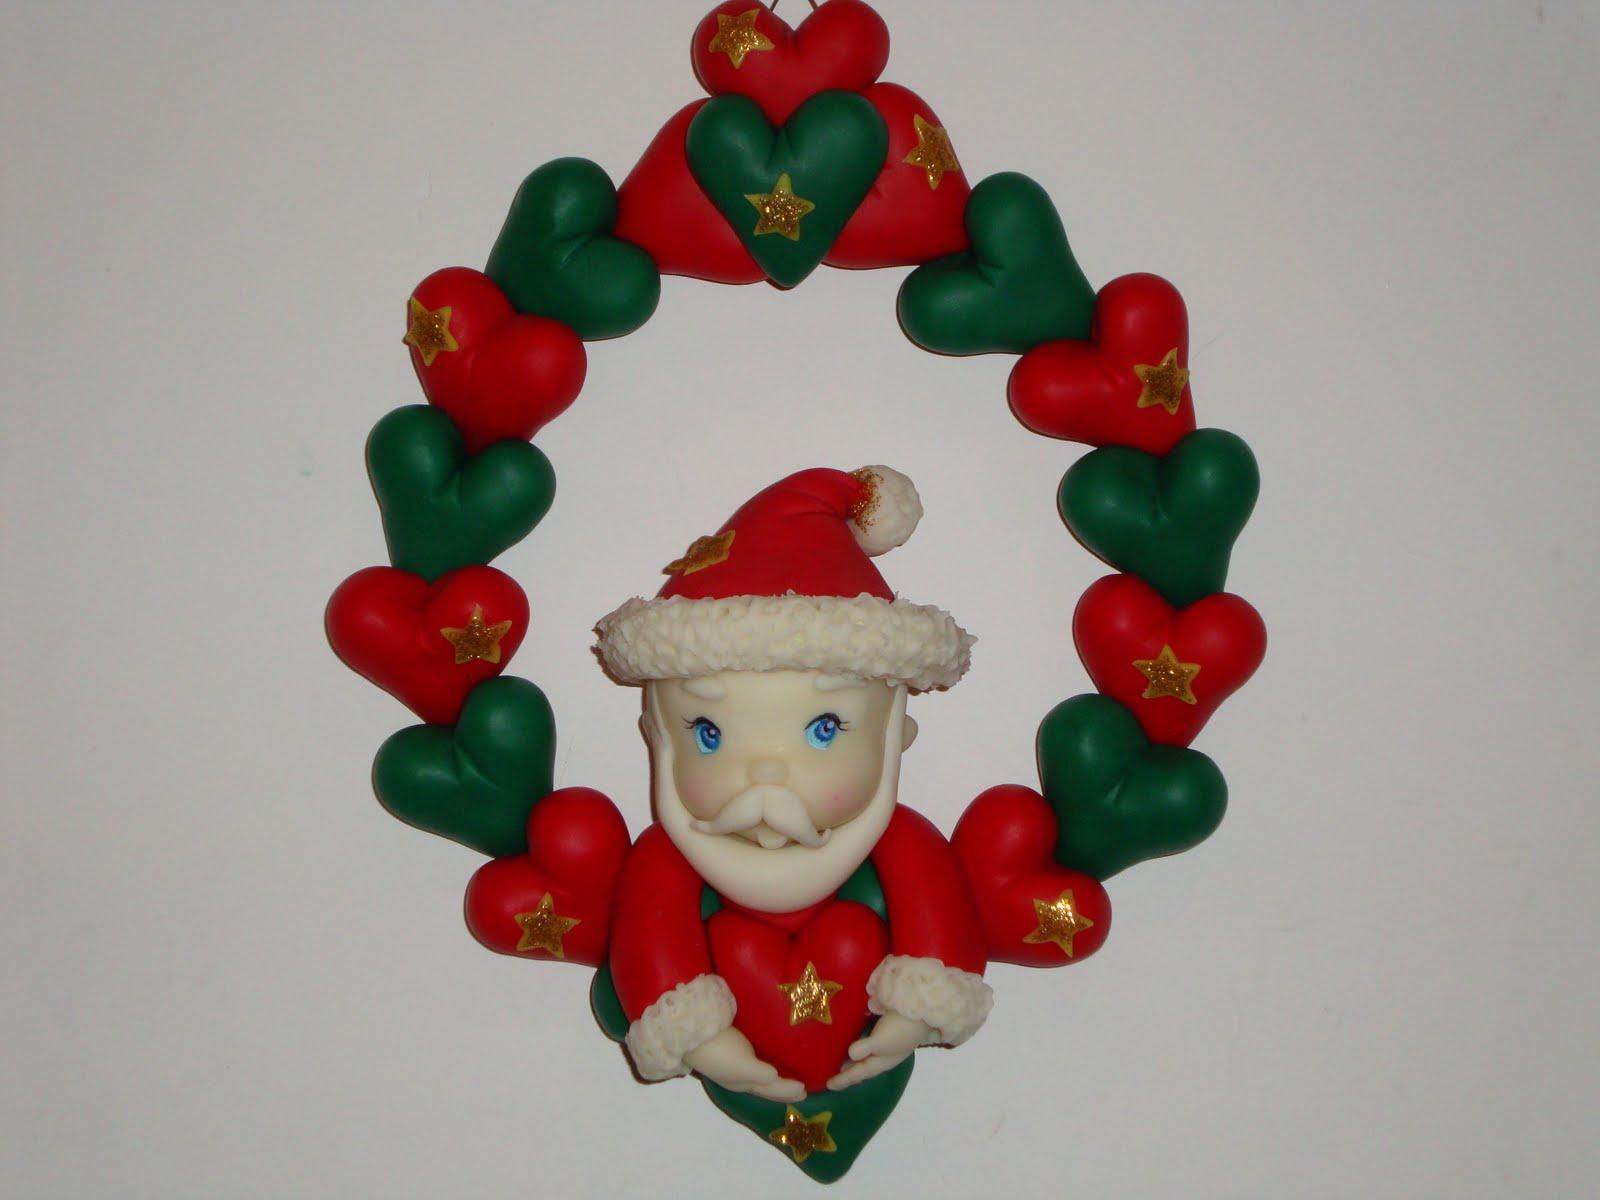 Cm arte y dise o adornos navide os for Disenos navidenos para decorar puertas